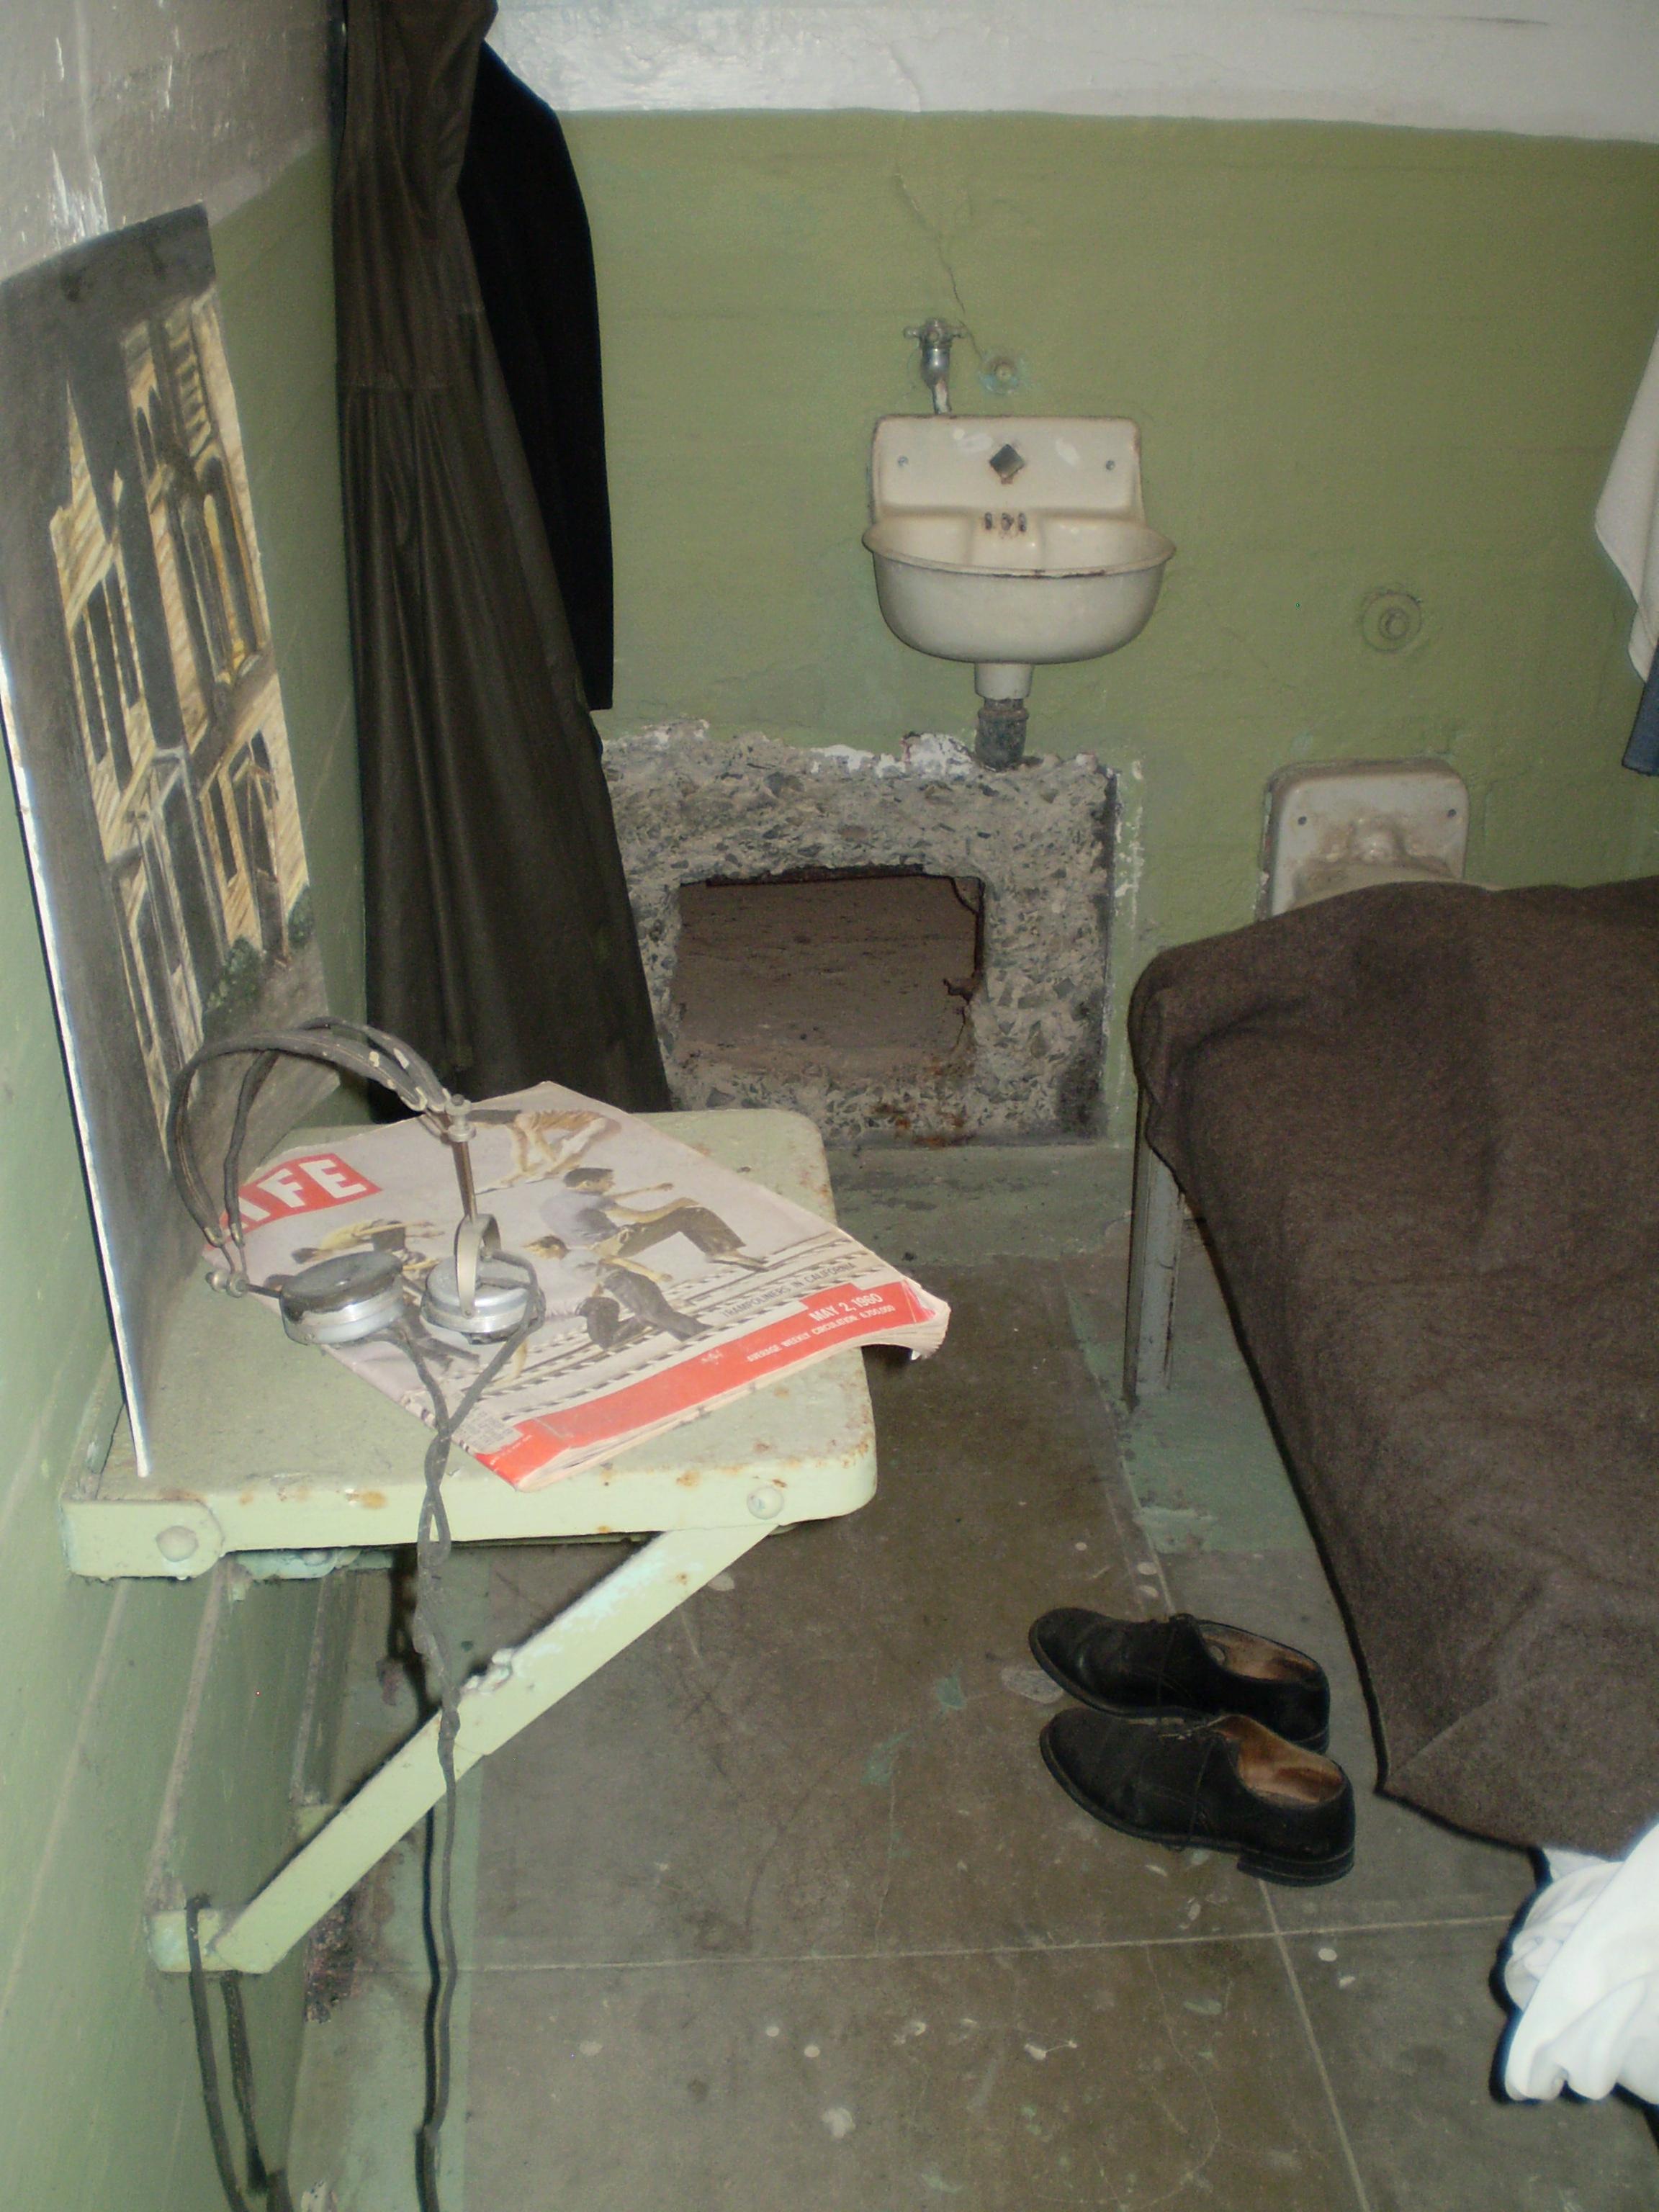 san Francisco, life preserver, life jacket, rain coat, Alcatraz, John Anglin, Clarence Anglin, Frank Lee Morris, Anglin Brothers, Escape from Alcatraz